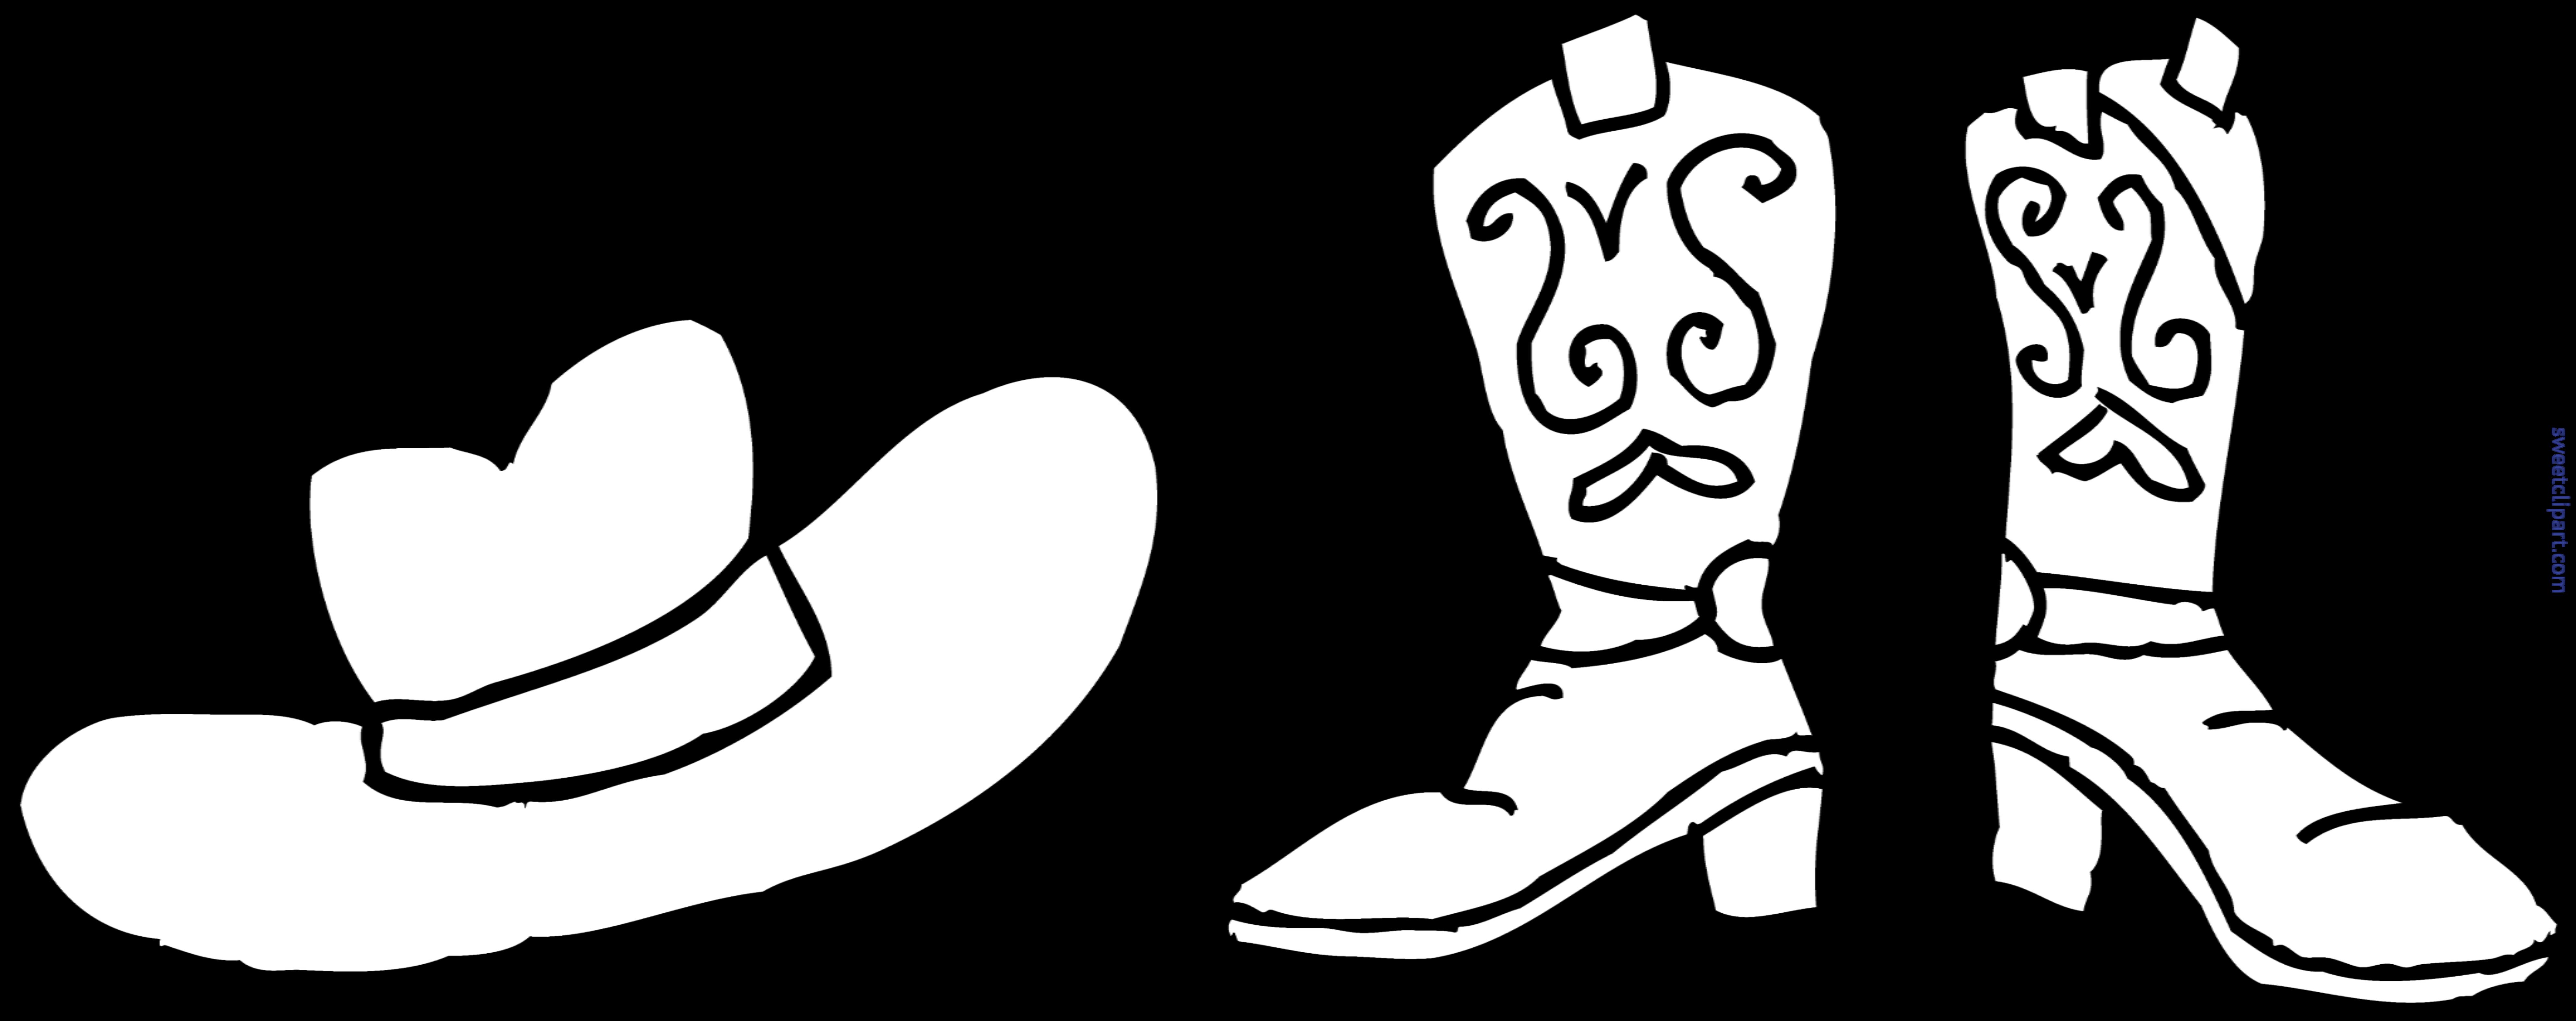 Cowboy hat boots coloring. Clipart cow boy